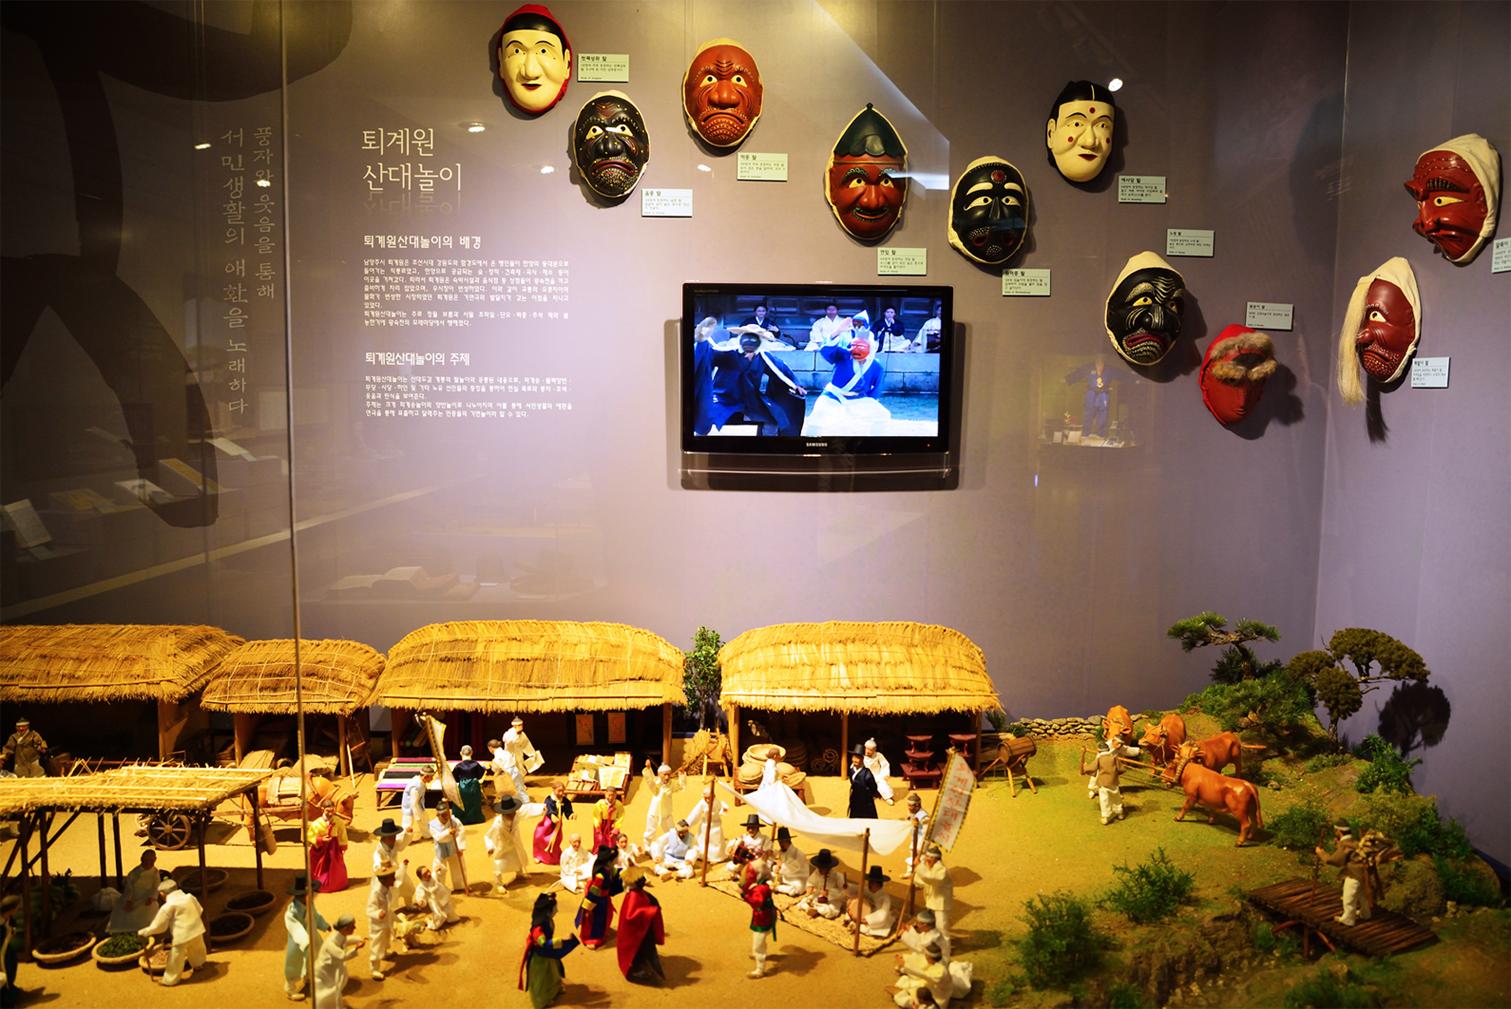 하남시 역사박물관 내부 전시 모습